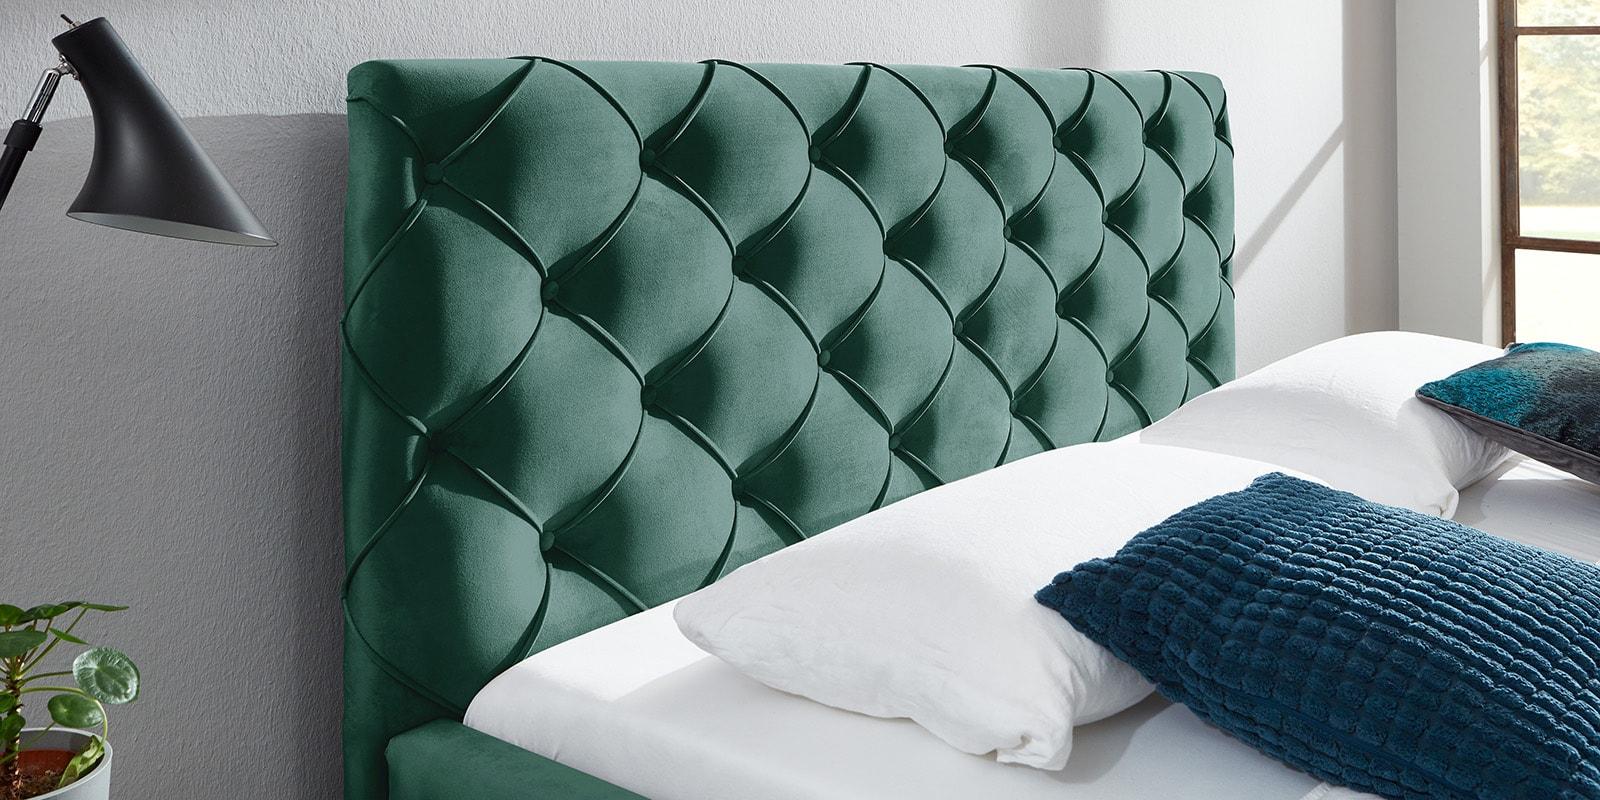 Moebella24 - Bett - mit - Bettkasten - Nelly - Samt - Mint - Kopfteil - mit - Knopfheftung - Detailaufnahme